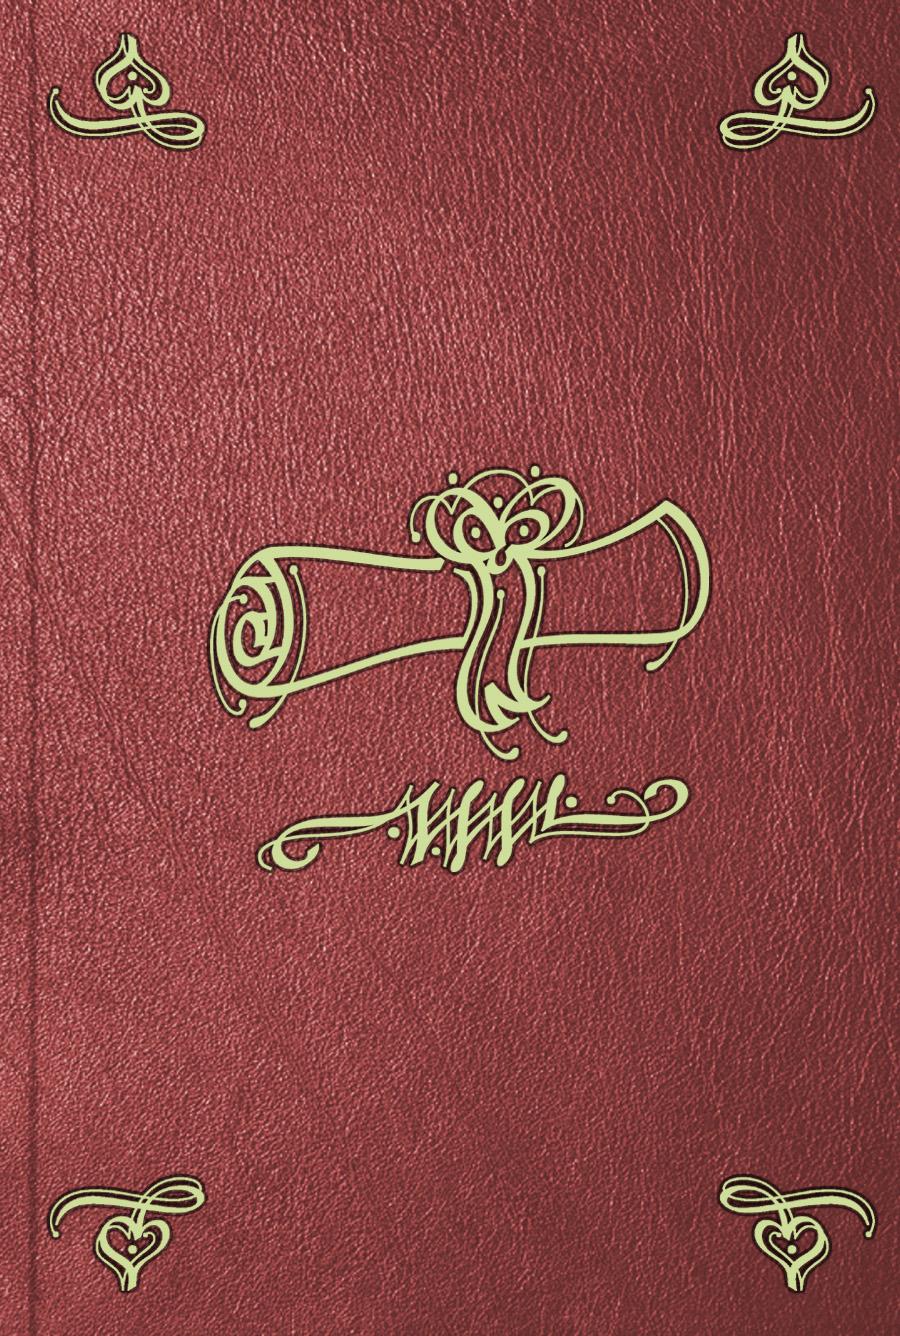 Отсутствует Белорусский архив древних грамот и григорович белорусский архив древних грамот часть 1